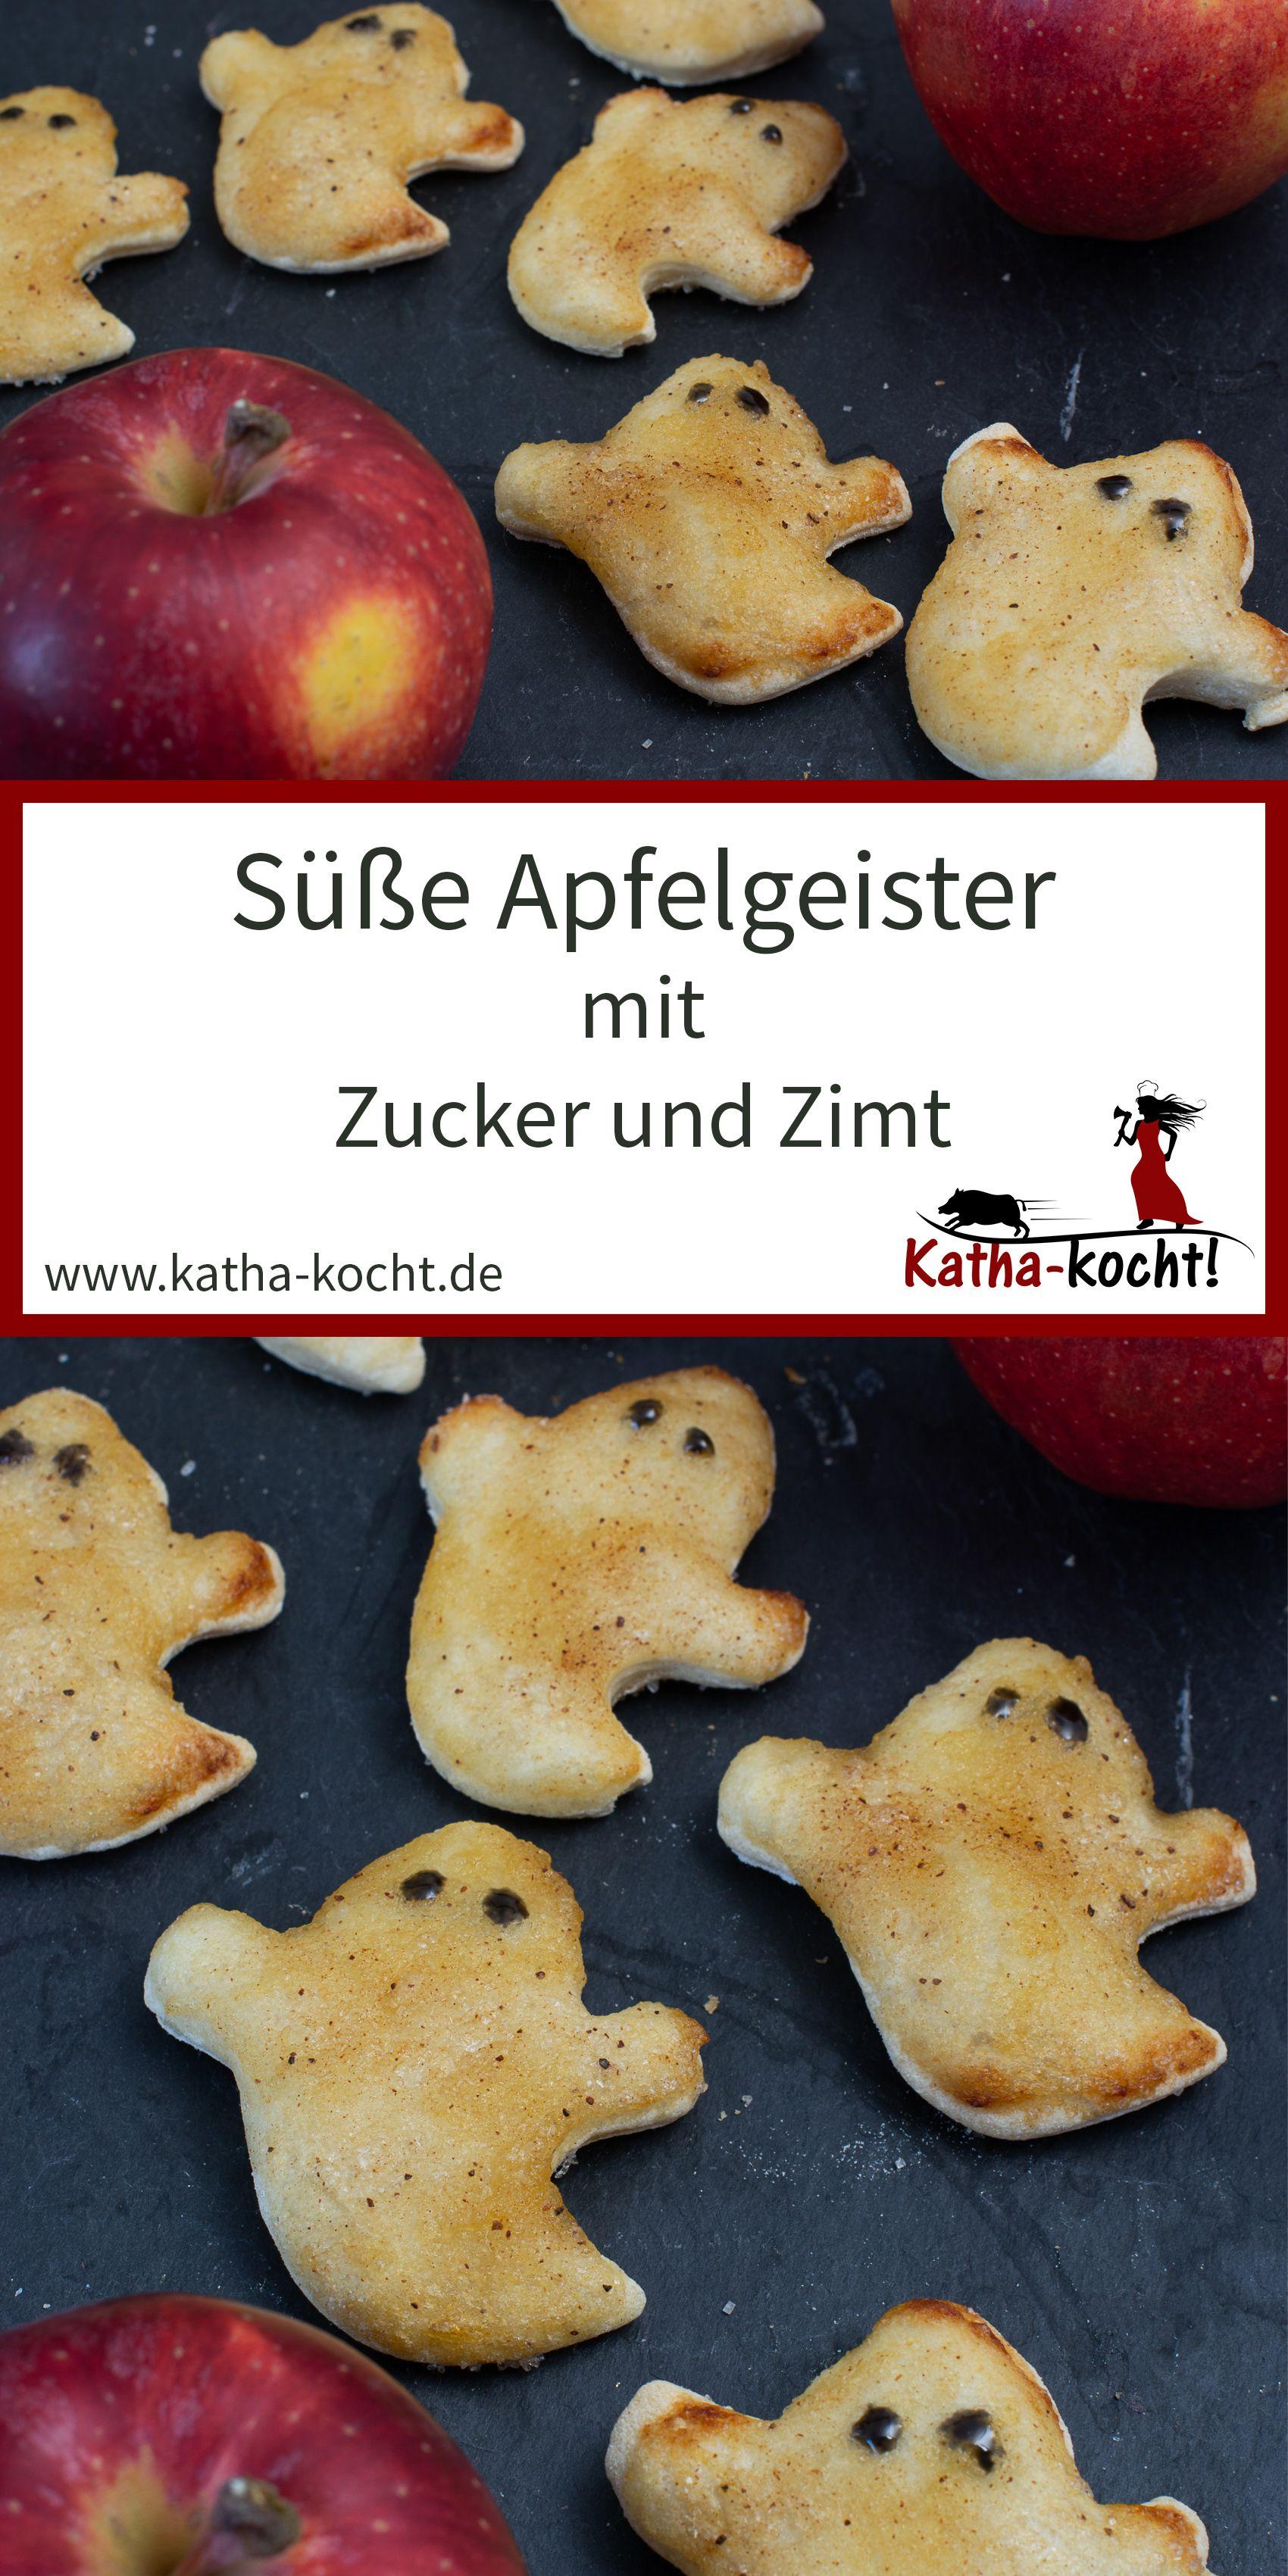 Süße Apfelgeister mit Zucker und Zimt Diese süßen Apfelgeister mit Zucker und Zimt sind mit einem einfachen Hefeteig ganz schnell gemacht Perfekt al...